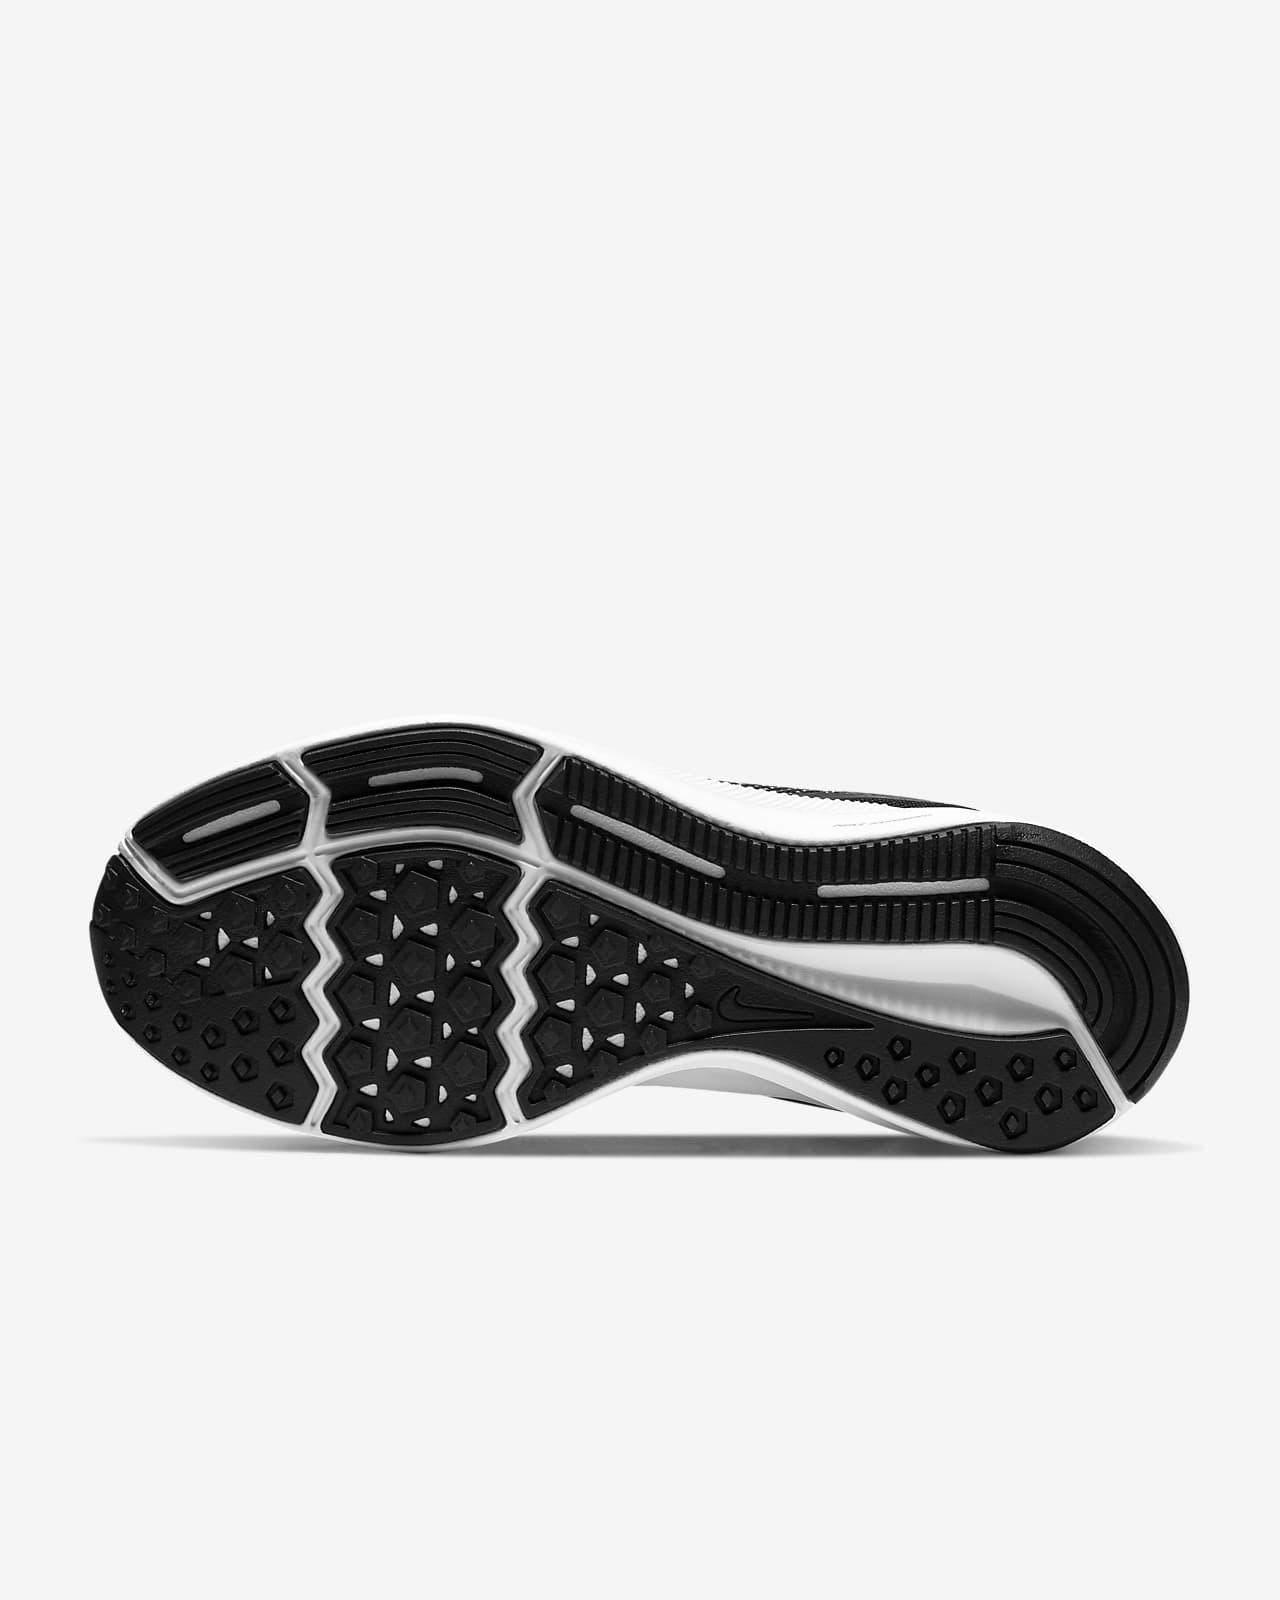 Nike Downshifter 9 Women's Running Shoe